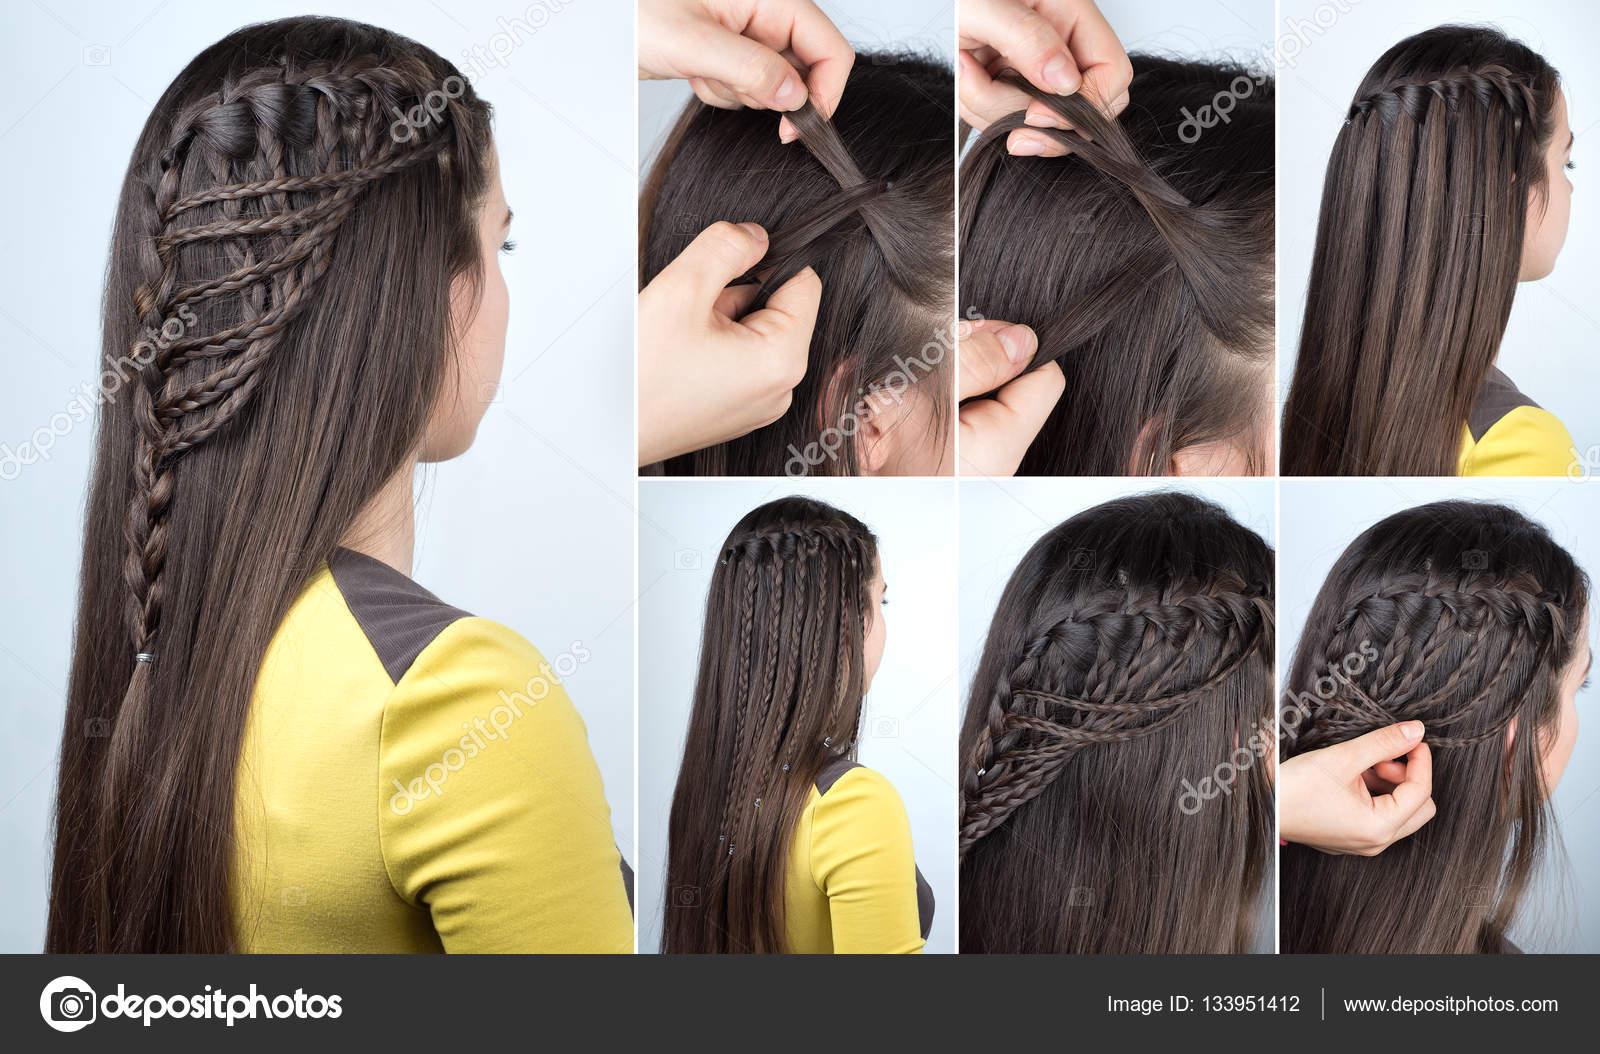 Peinado Trenzas Tutorial Fotos De Stock C Alterphoto 133951412